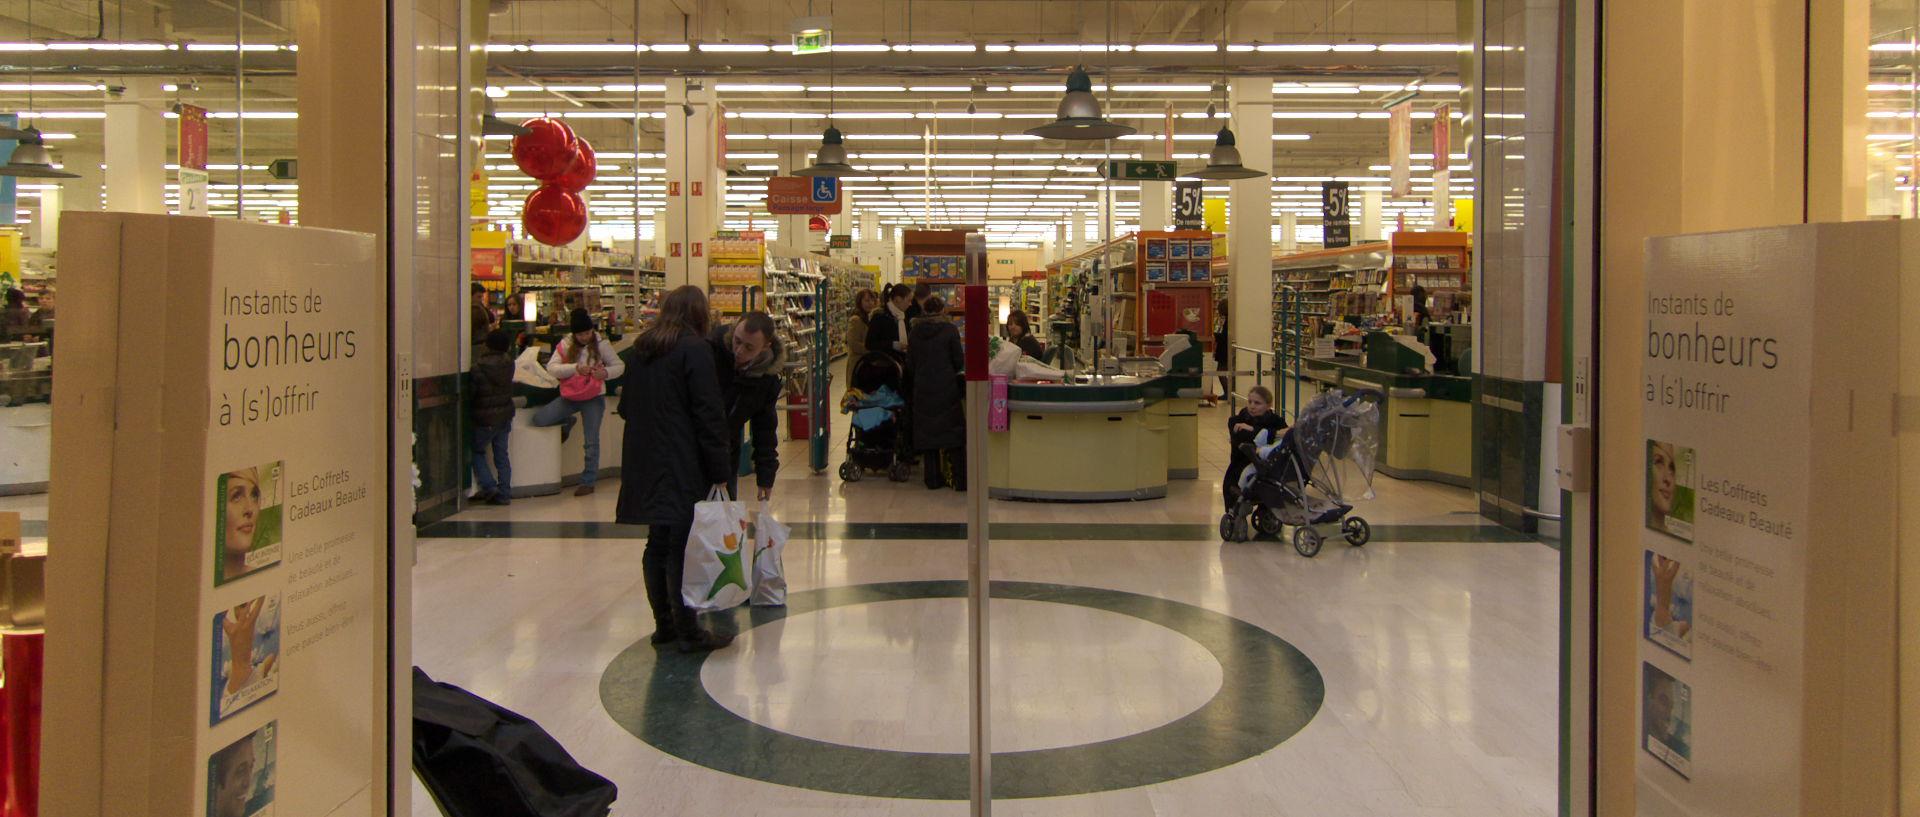 Foyer Grand Rue Roubaix : Le photojournal de jean miaille en décembre